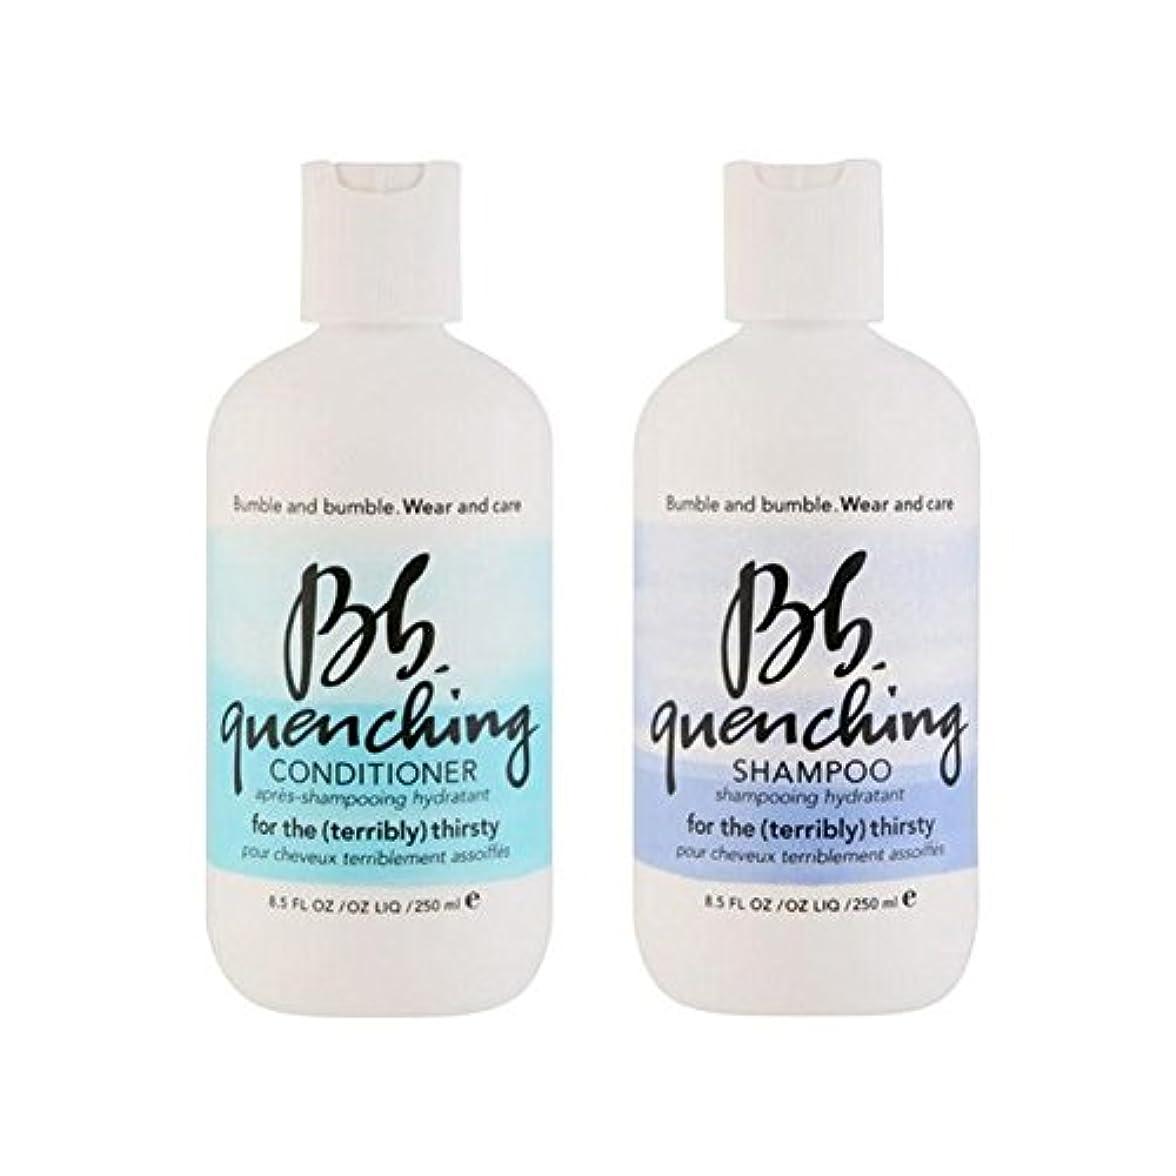 診療所スナップギャングスターシャンプーとコンディショナー - デュオを急冷着用し、世話 x2 - Bb Wear And Care Quenching Duo - Shampoo And Conditioner (Pack of 2) [並行輸入品]